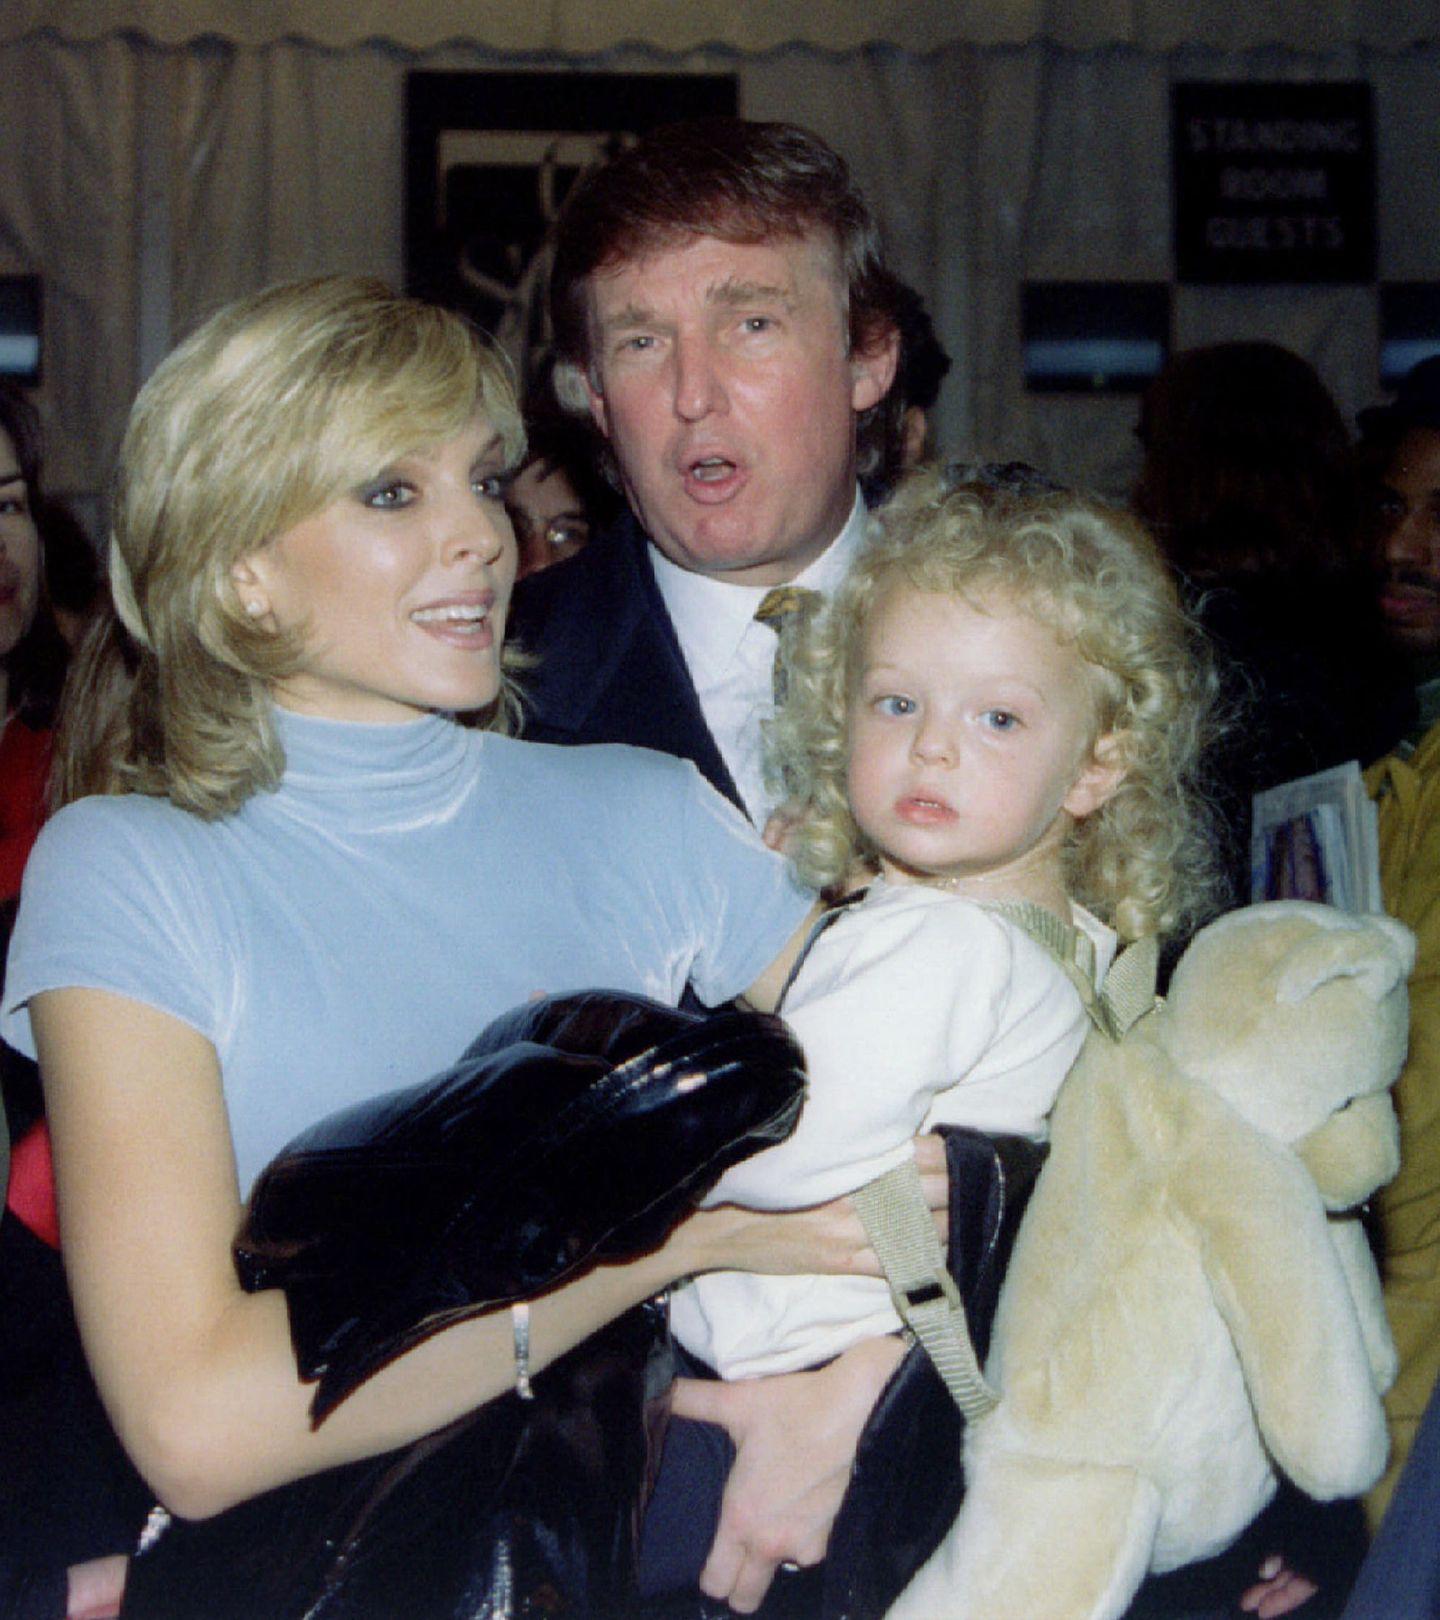 Mit der Schauspielerin Marla Maples war Donald von 1993 bis 1999 verheiratet. Gemeinsam haben sie eine Tochter: Tiffany Trump.